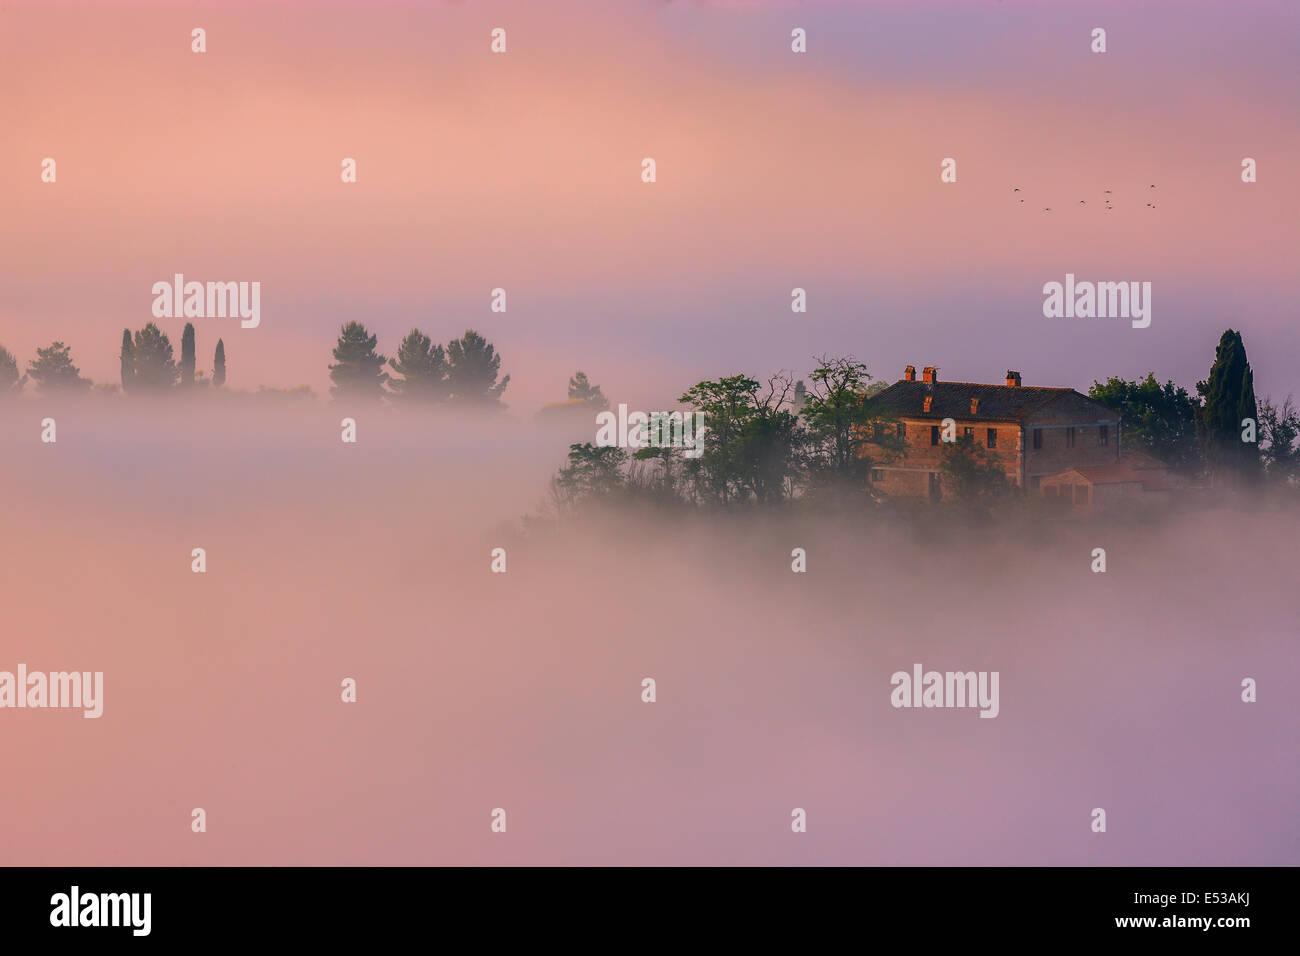 Célèbre Podere Belvedere dans la lumière du matin, au cœur de la Toscane, près de San Quirico Photo Stock